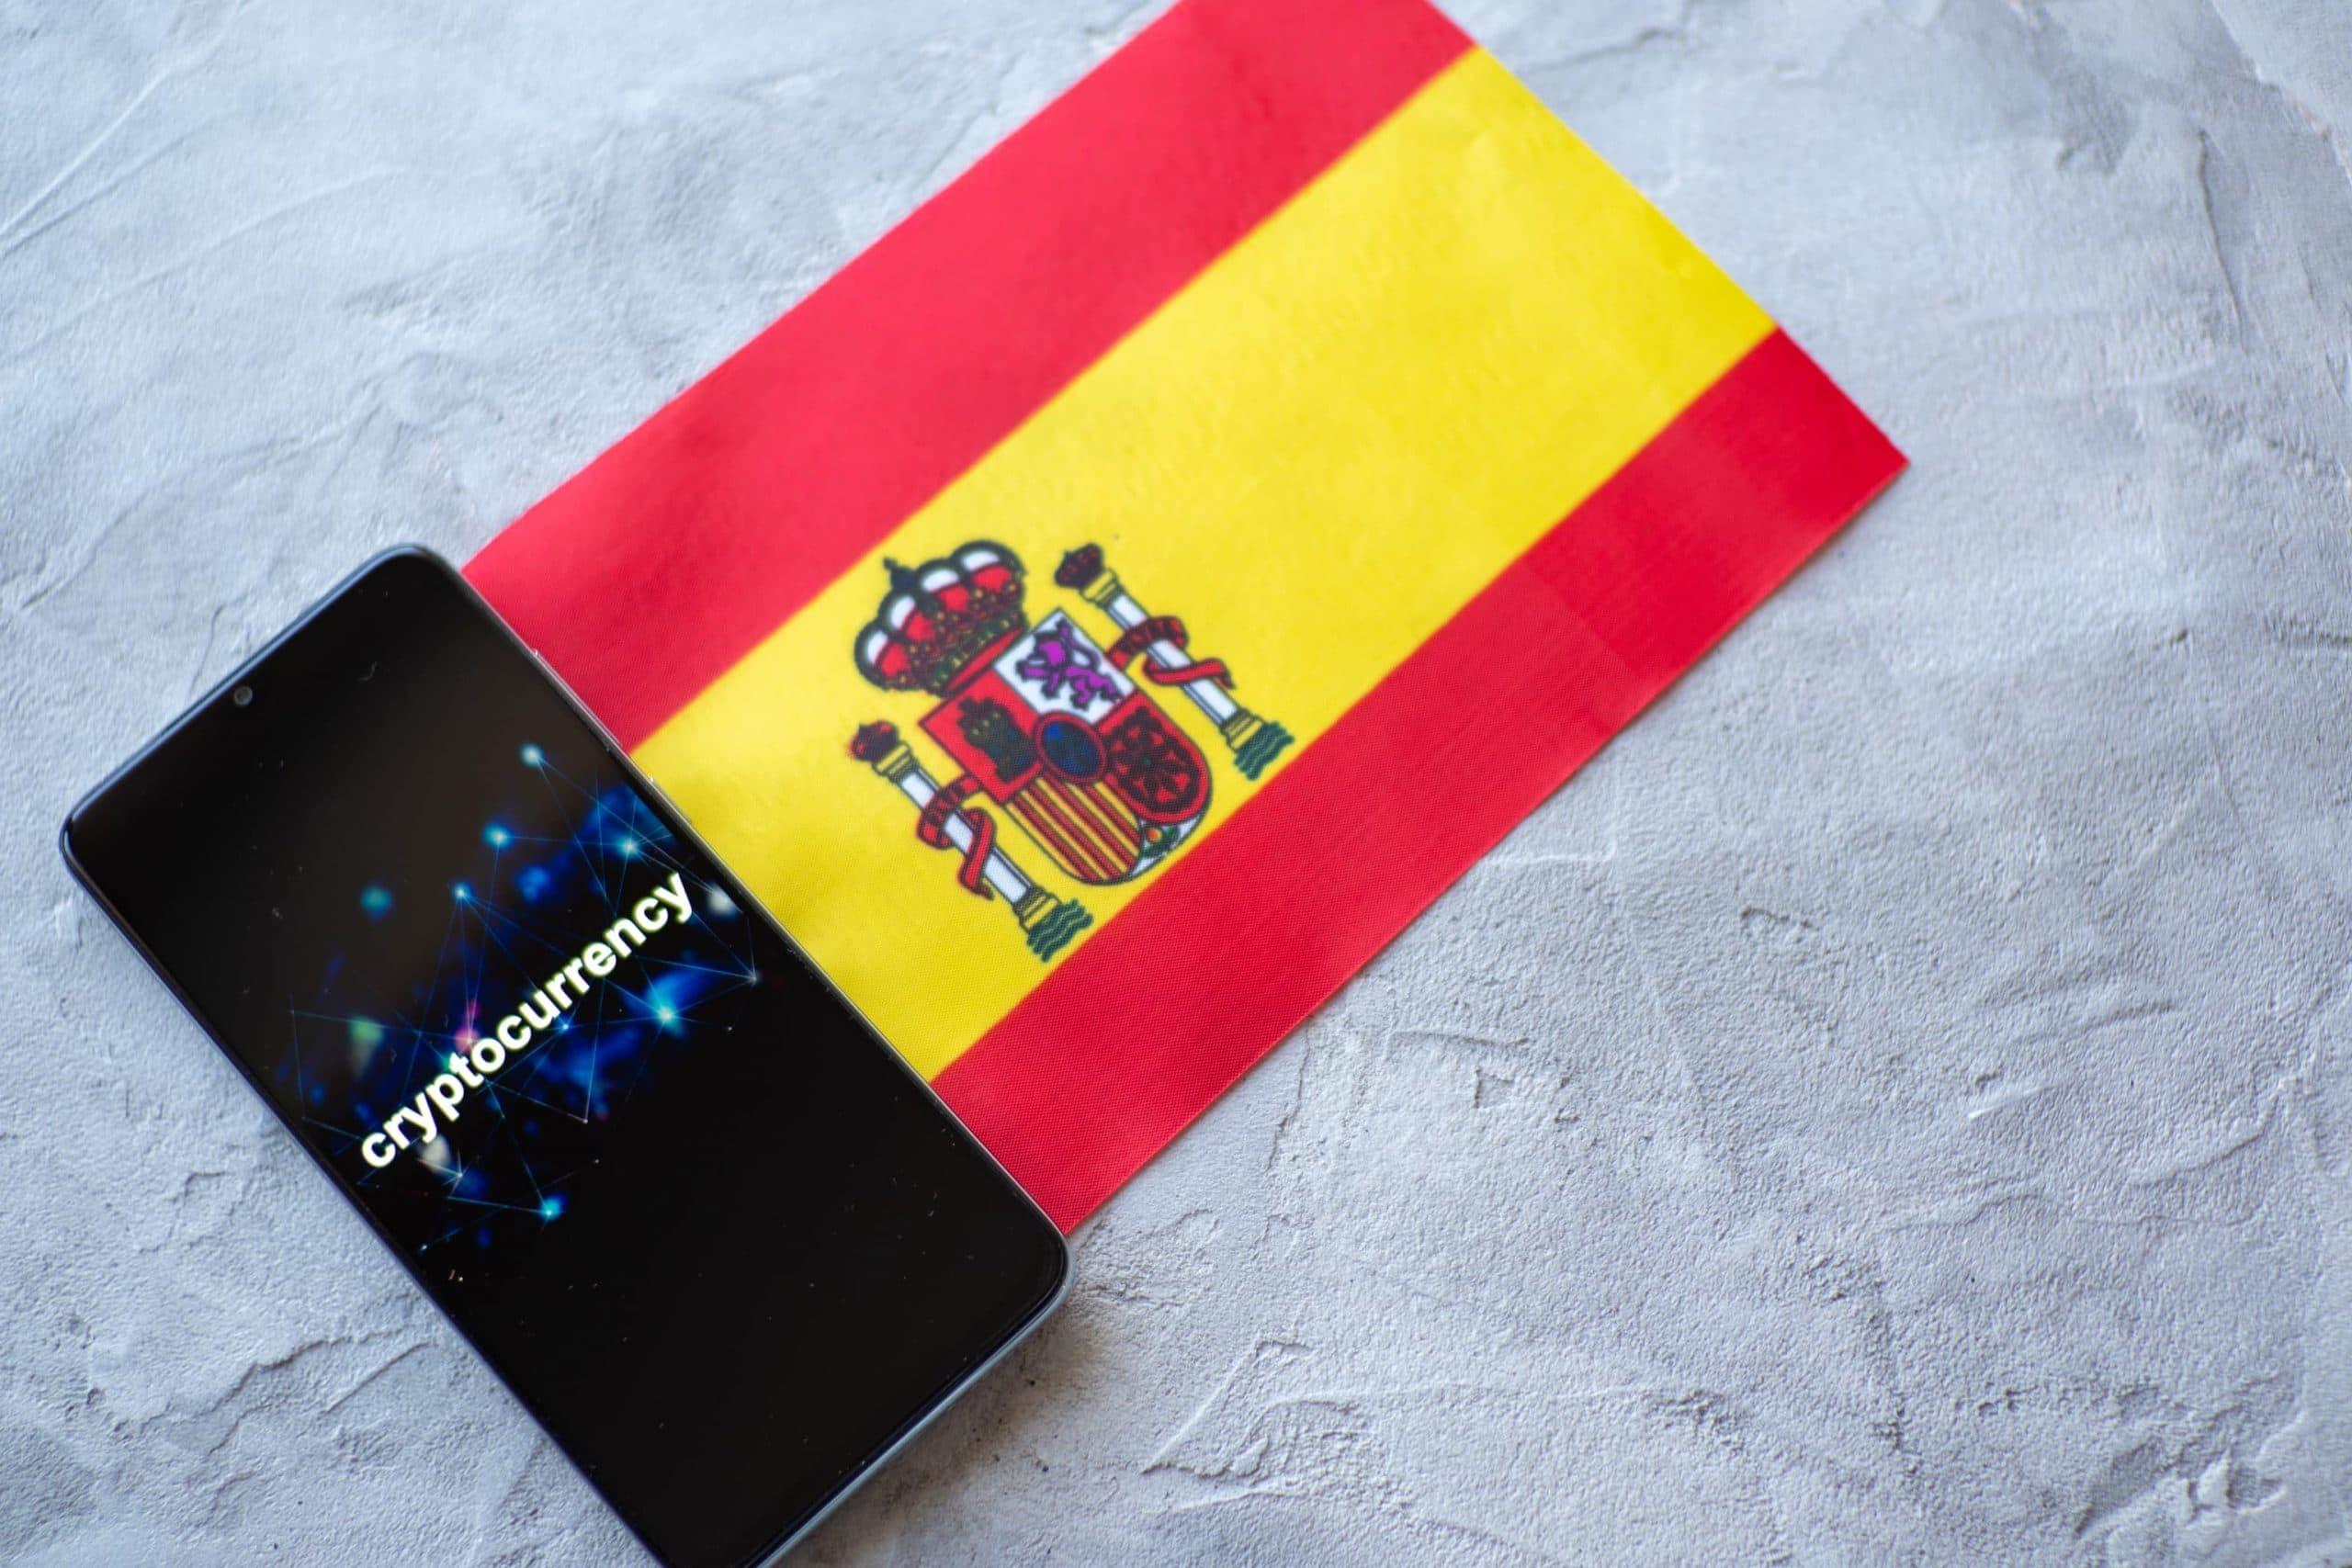 Ein Smartphone auf dem Kryptowährung auf Englisch steht, liegt neben einer ausgebreiteten spanischen Flagge, die auf einem steinernen Untergrund liegt.